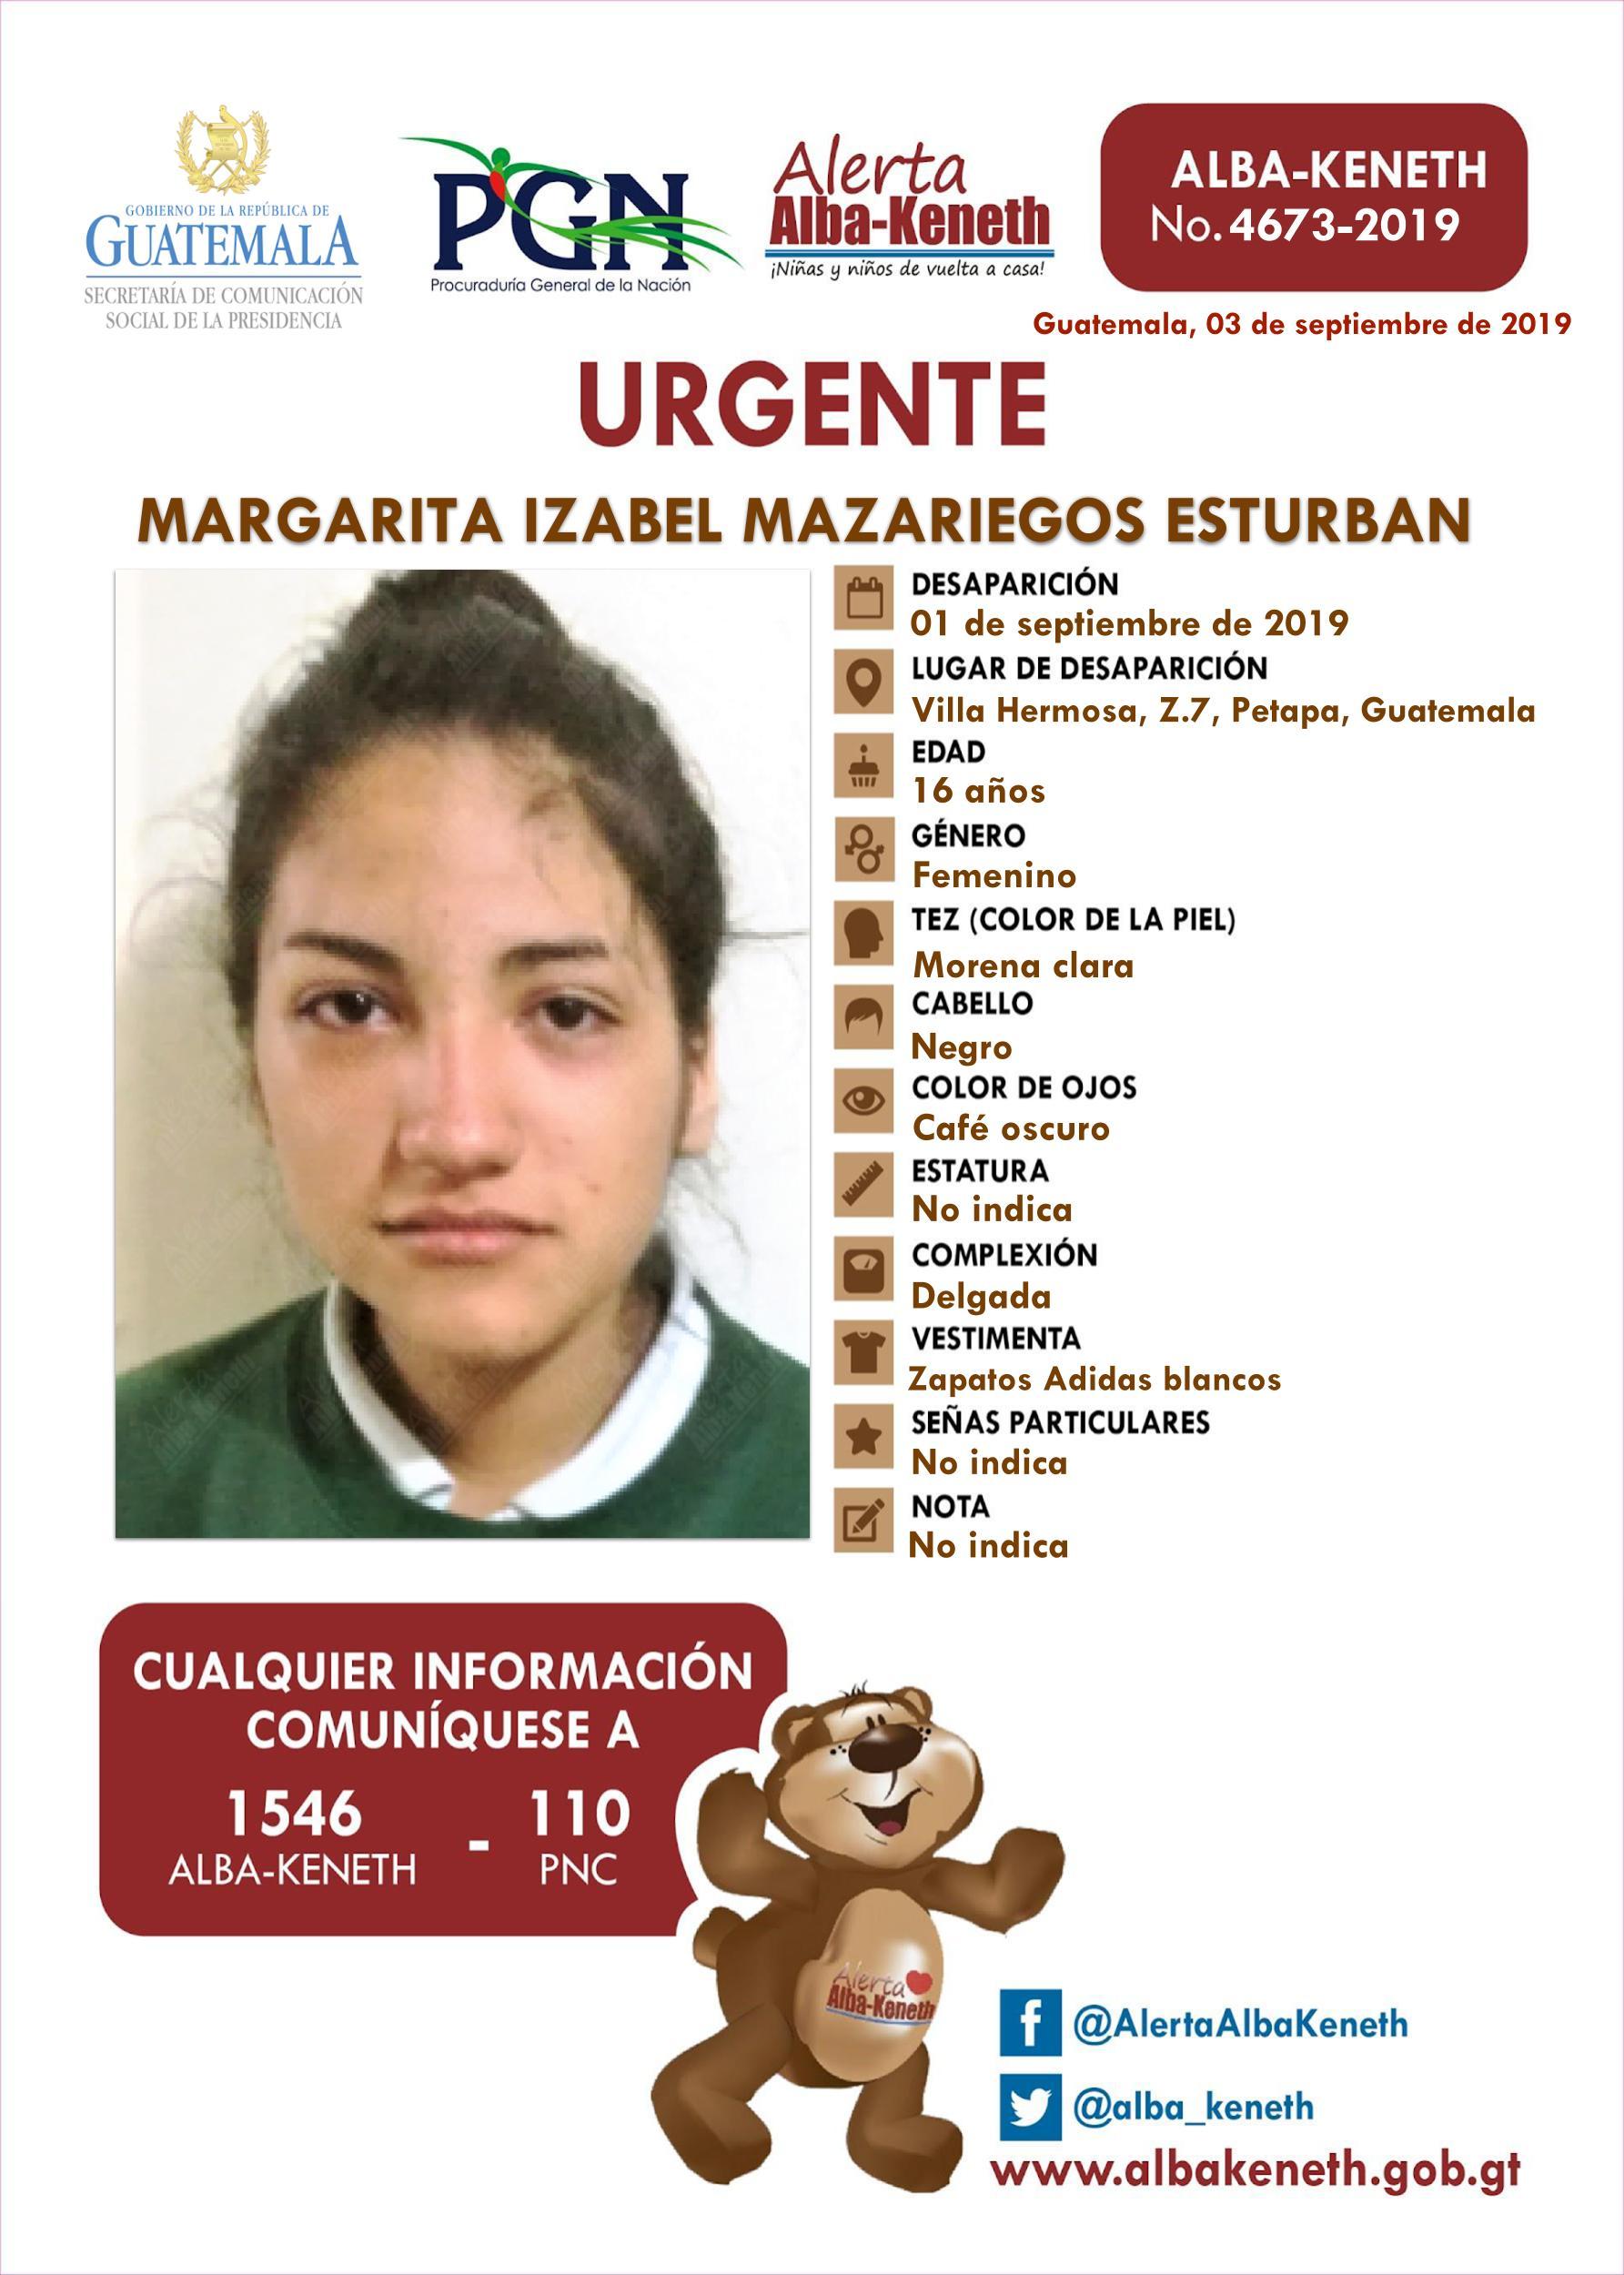 Margarita Izabel Mazariegos Esturban